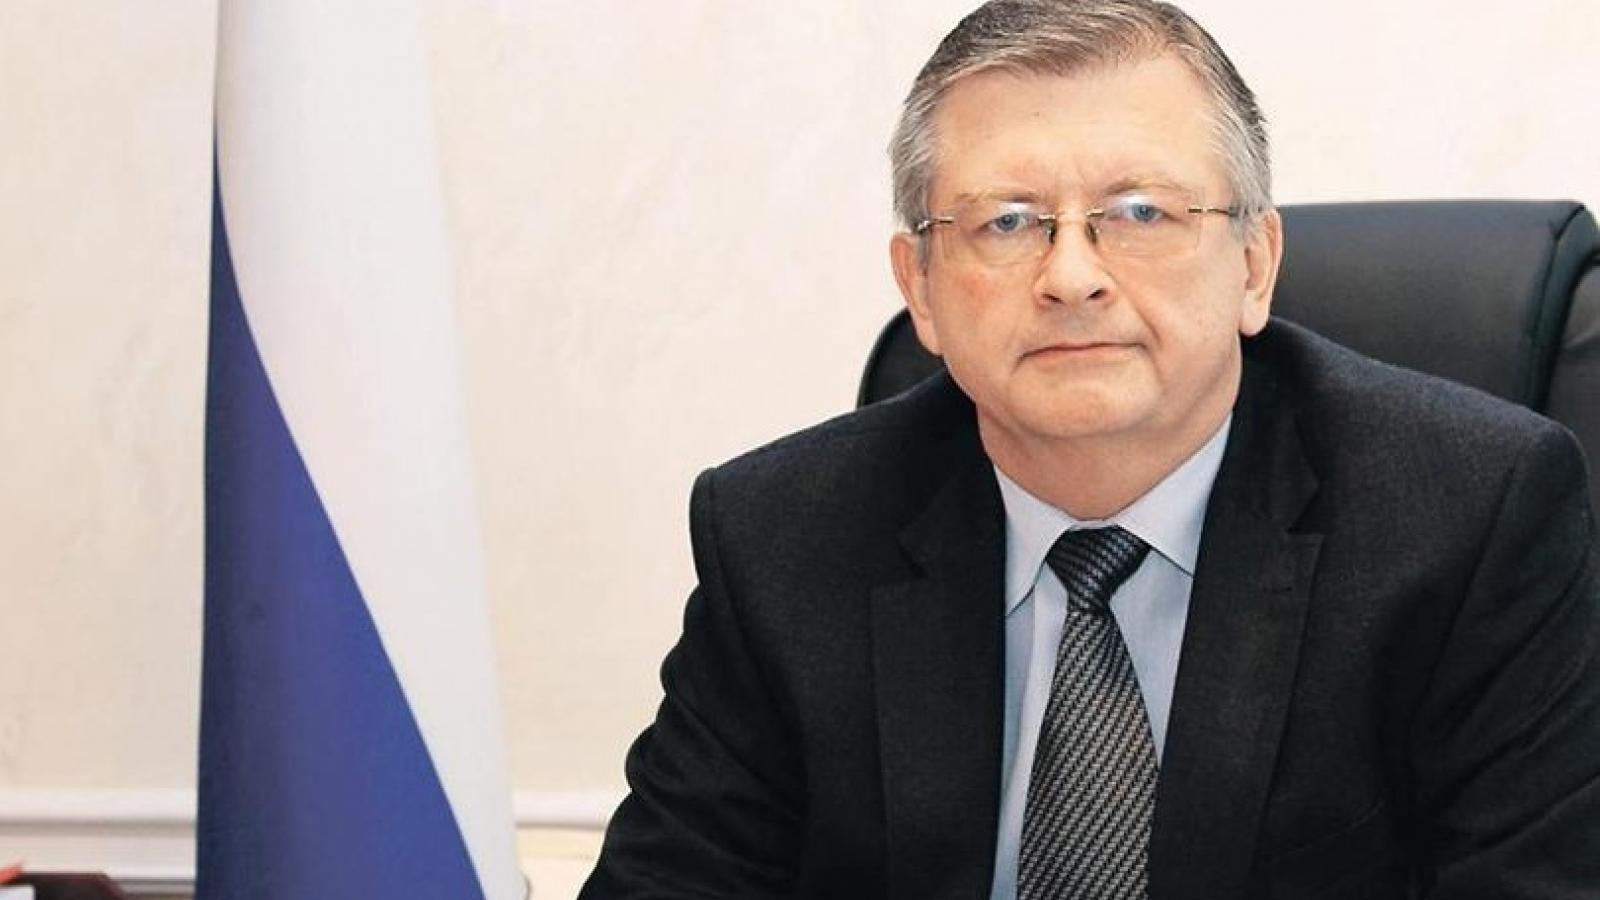 Quan hệ Nga-Ba Lan đang xấu nhất kể từ Thế chiến II